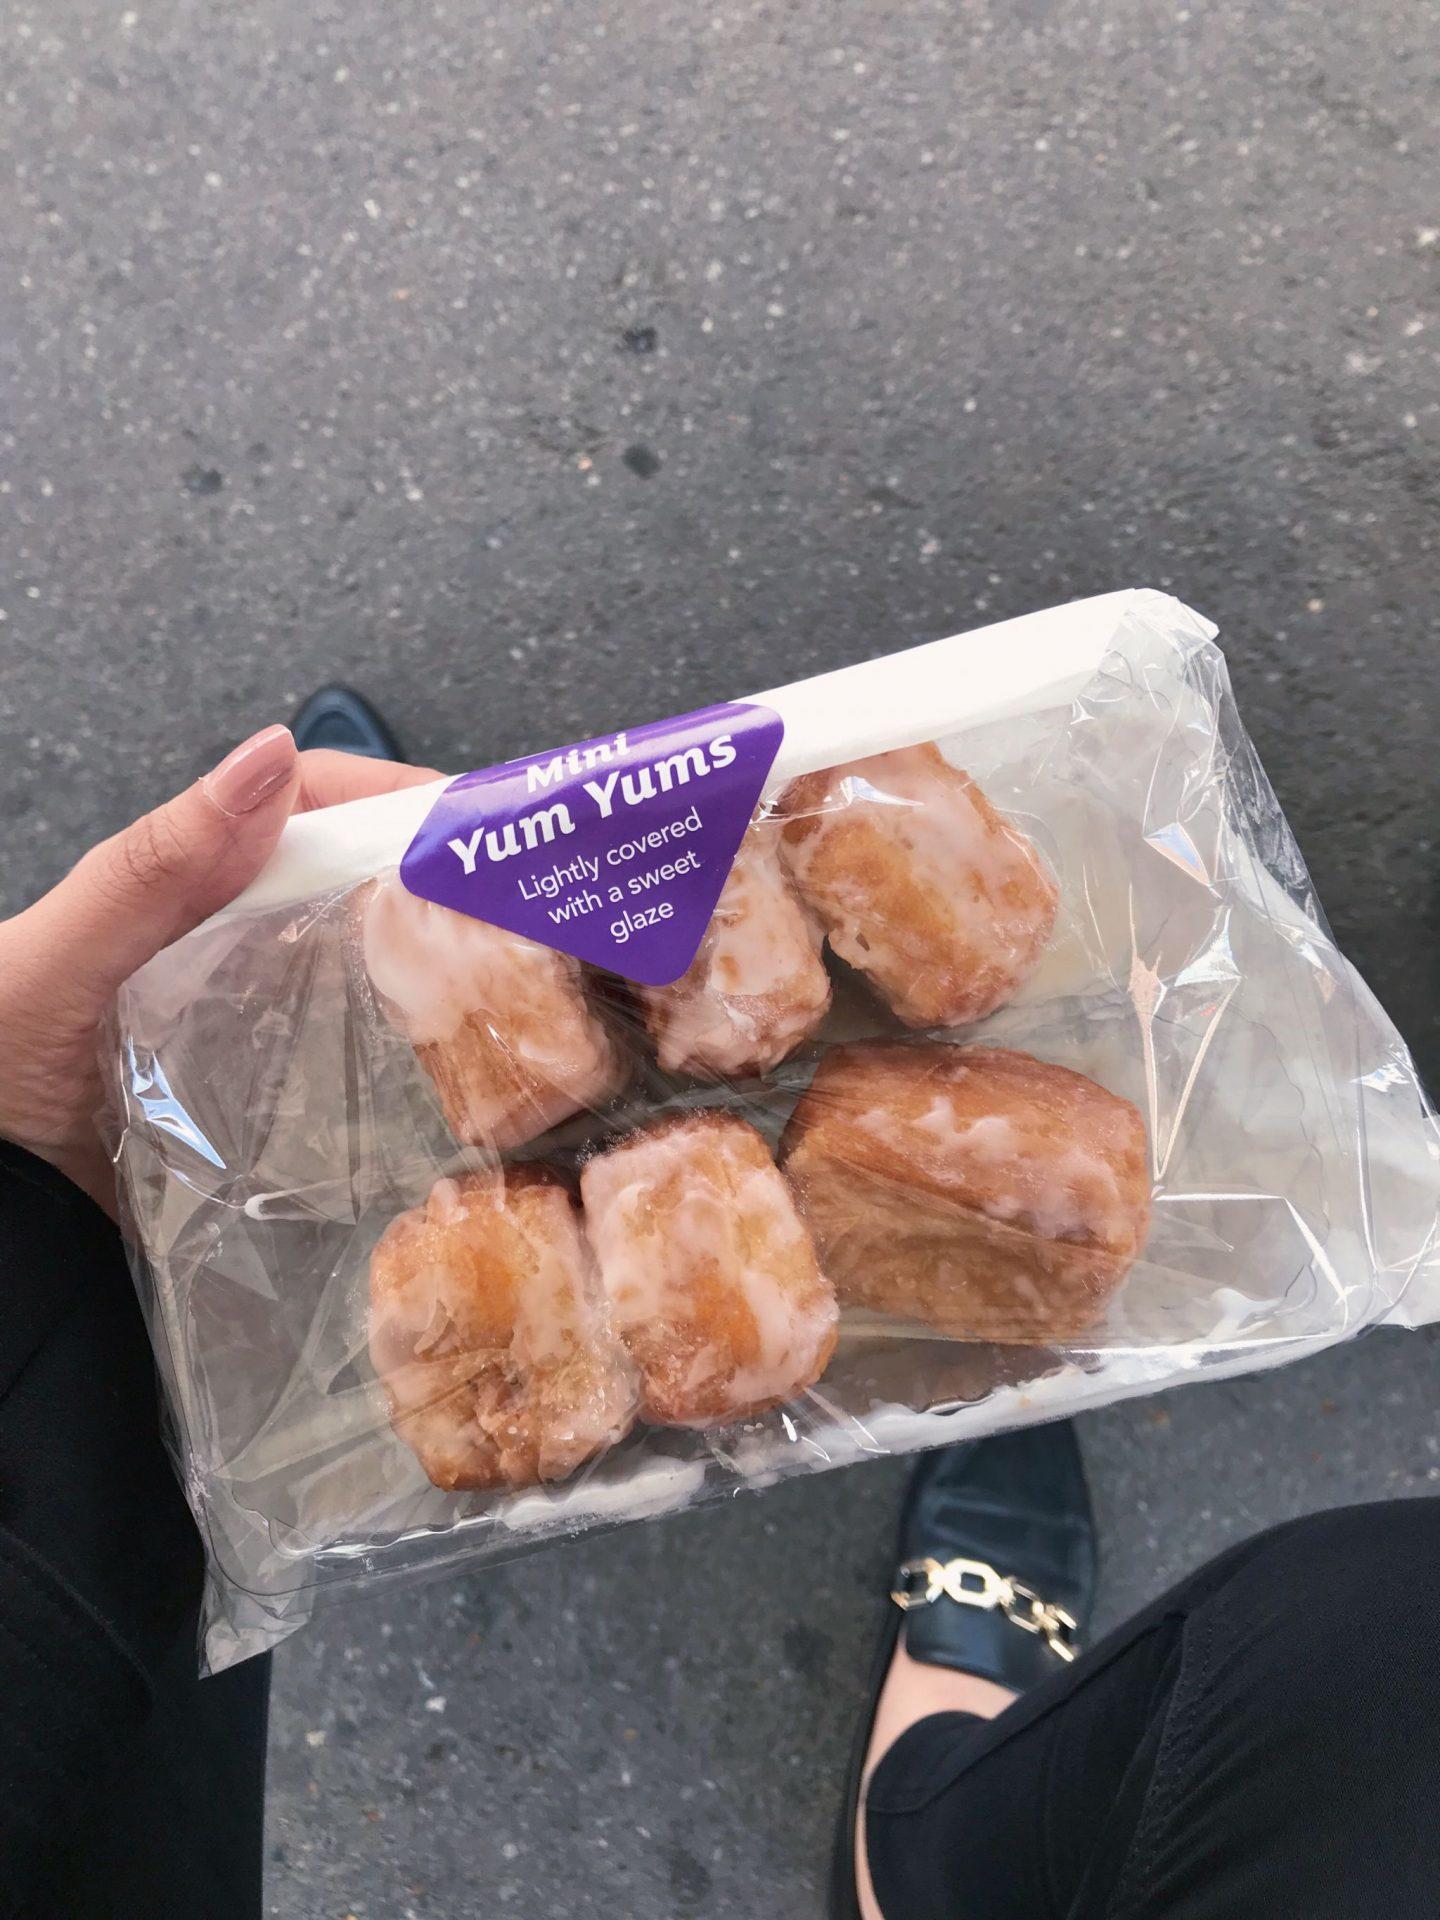 mini yum yum